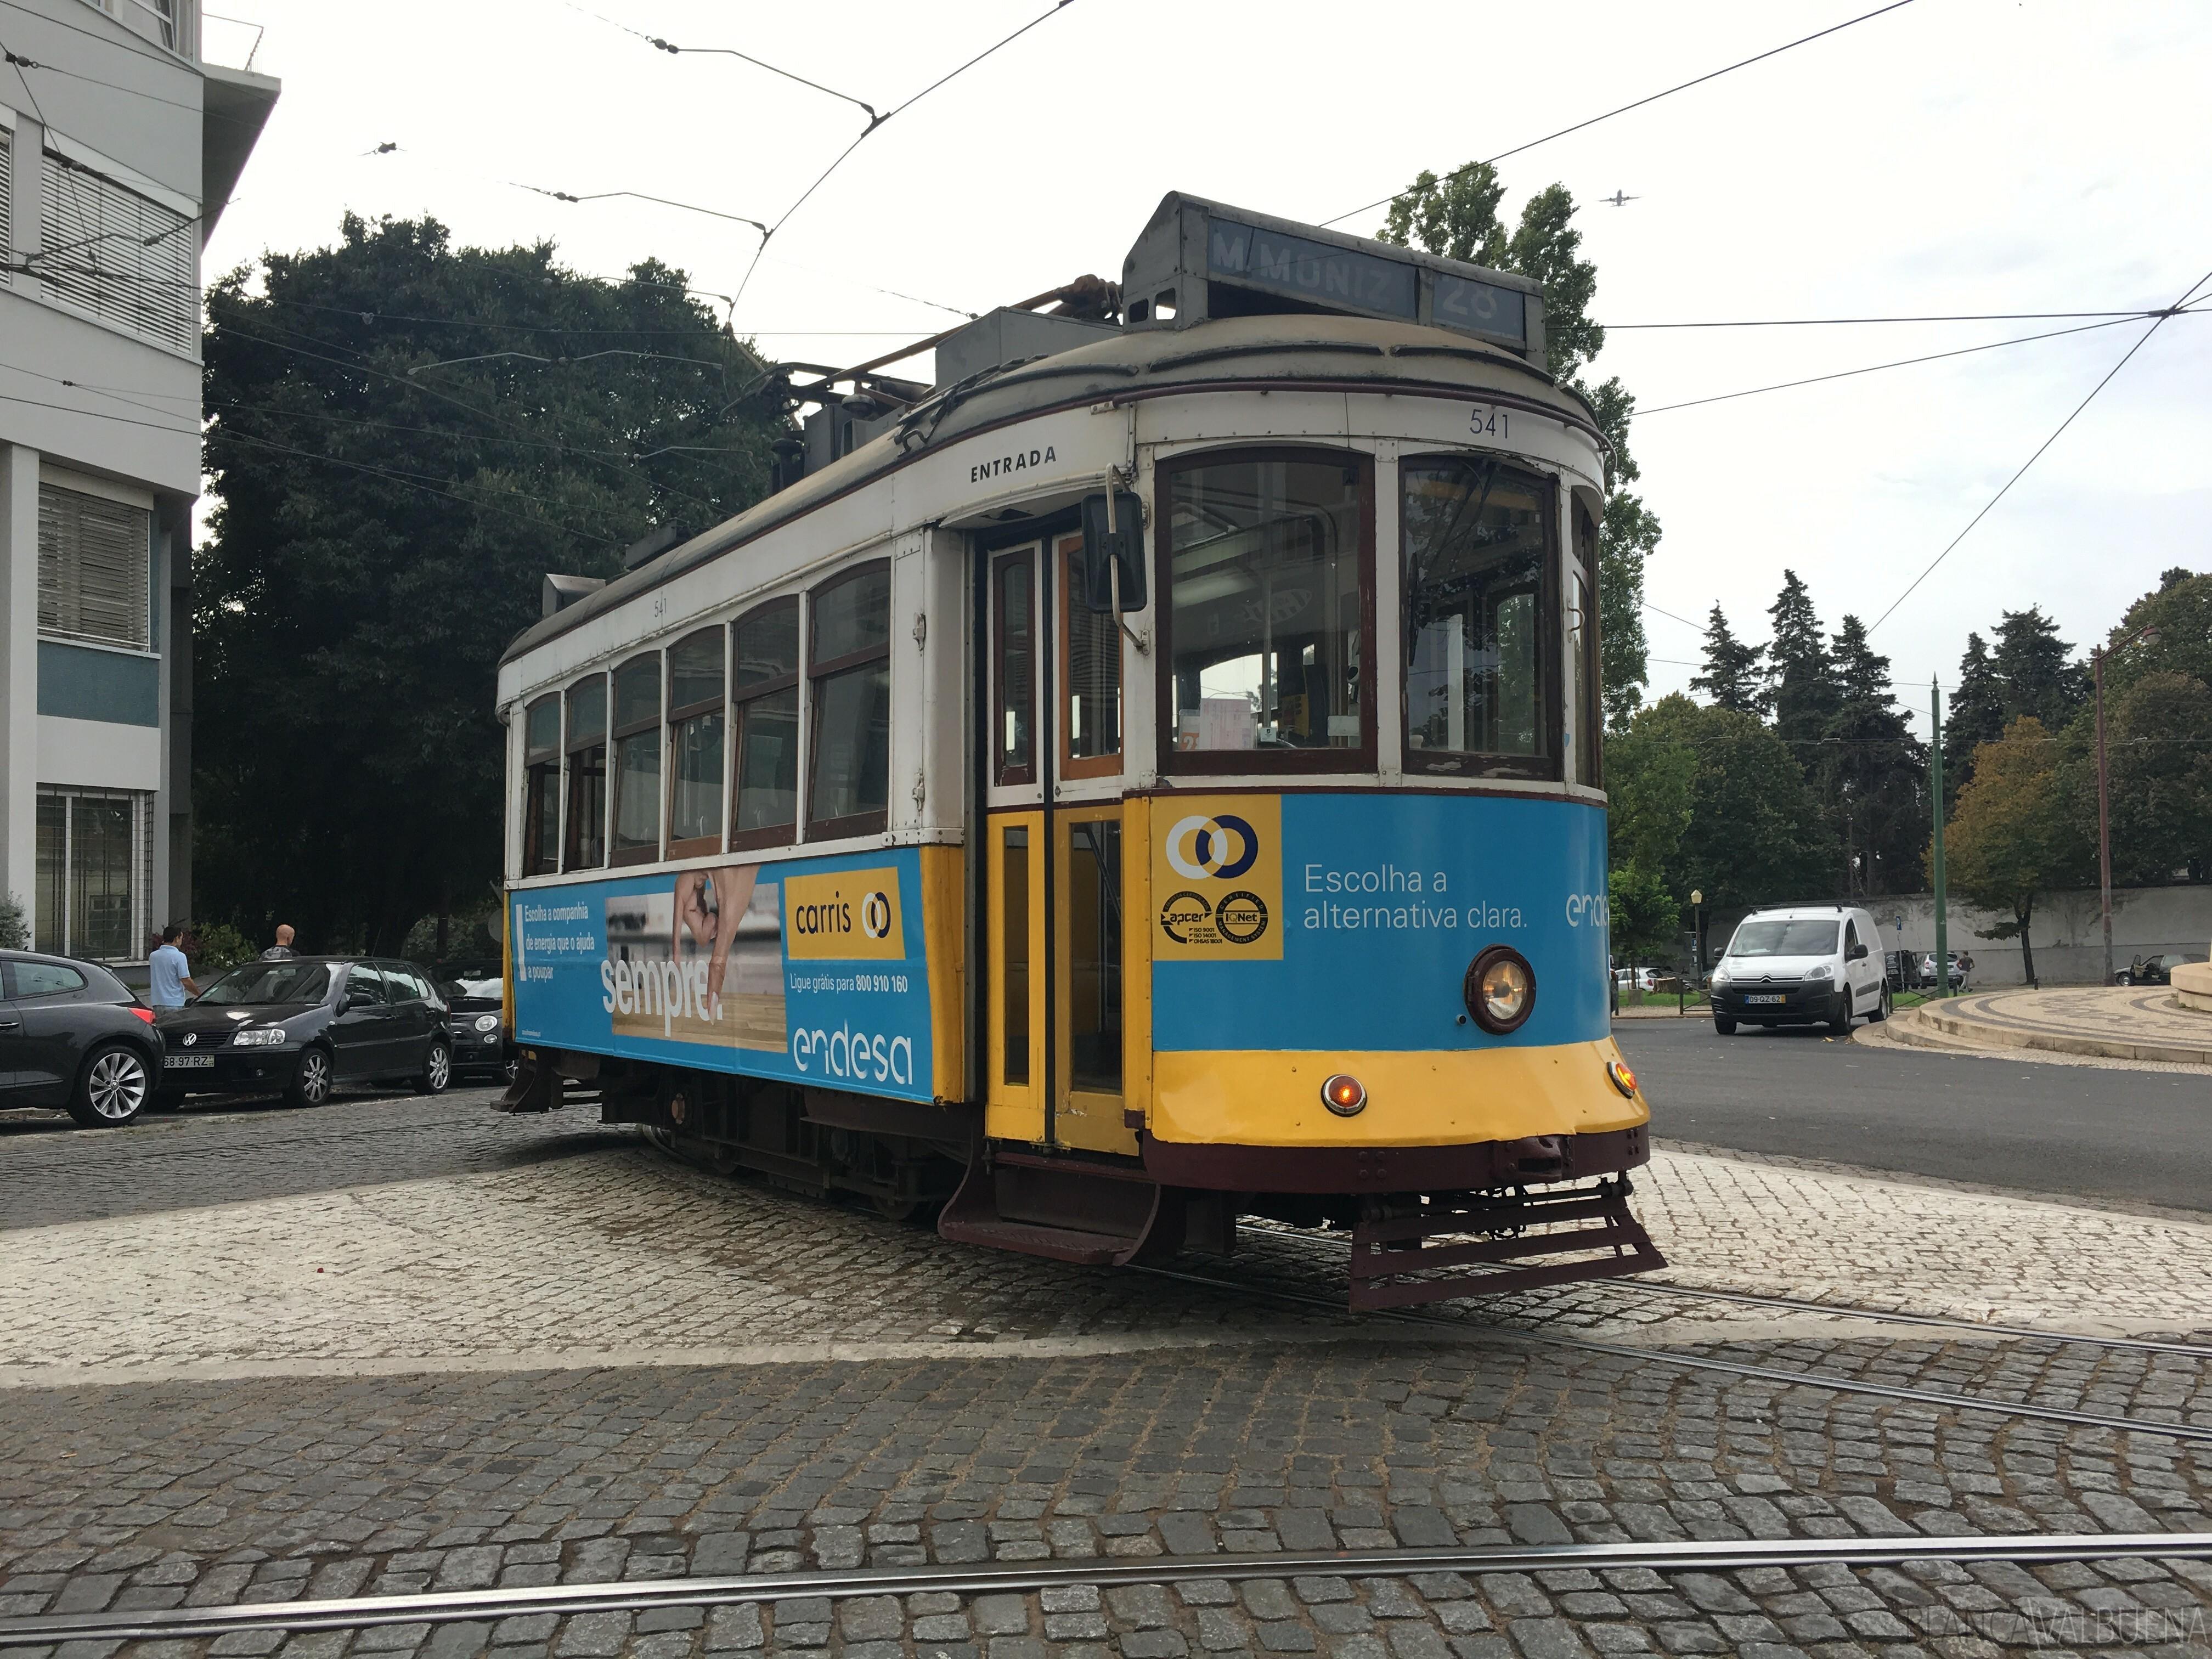 nehmen Sie die Straßenbahn 28 zu Prazeres Friedhof zu erhalten